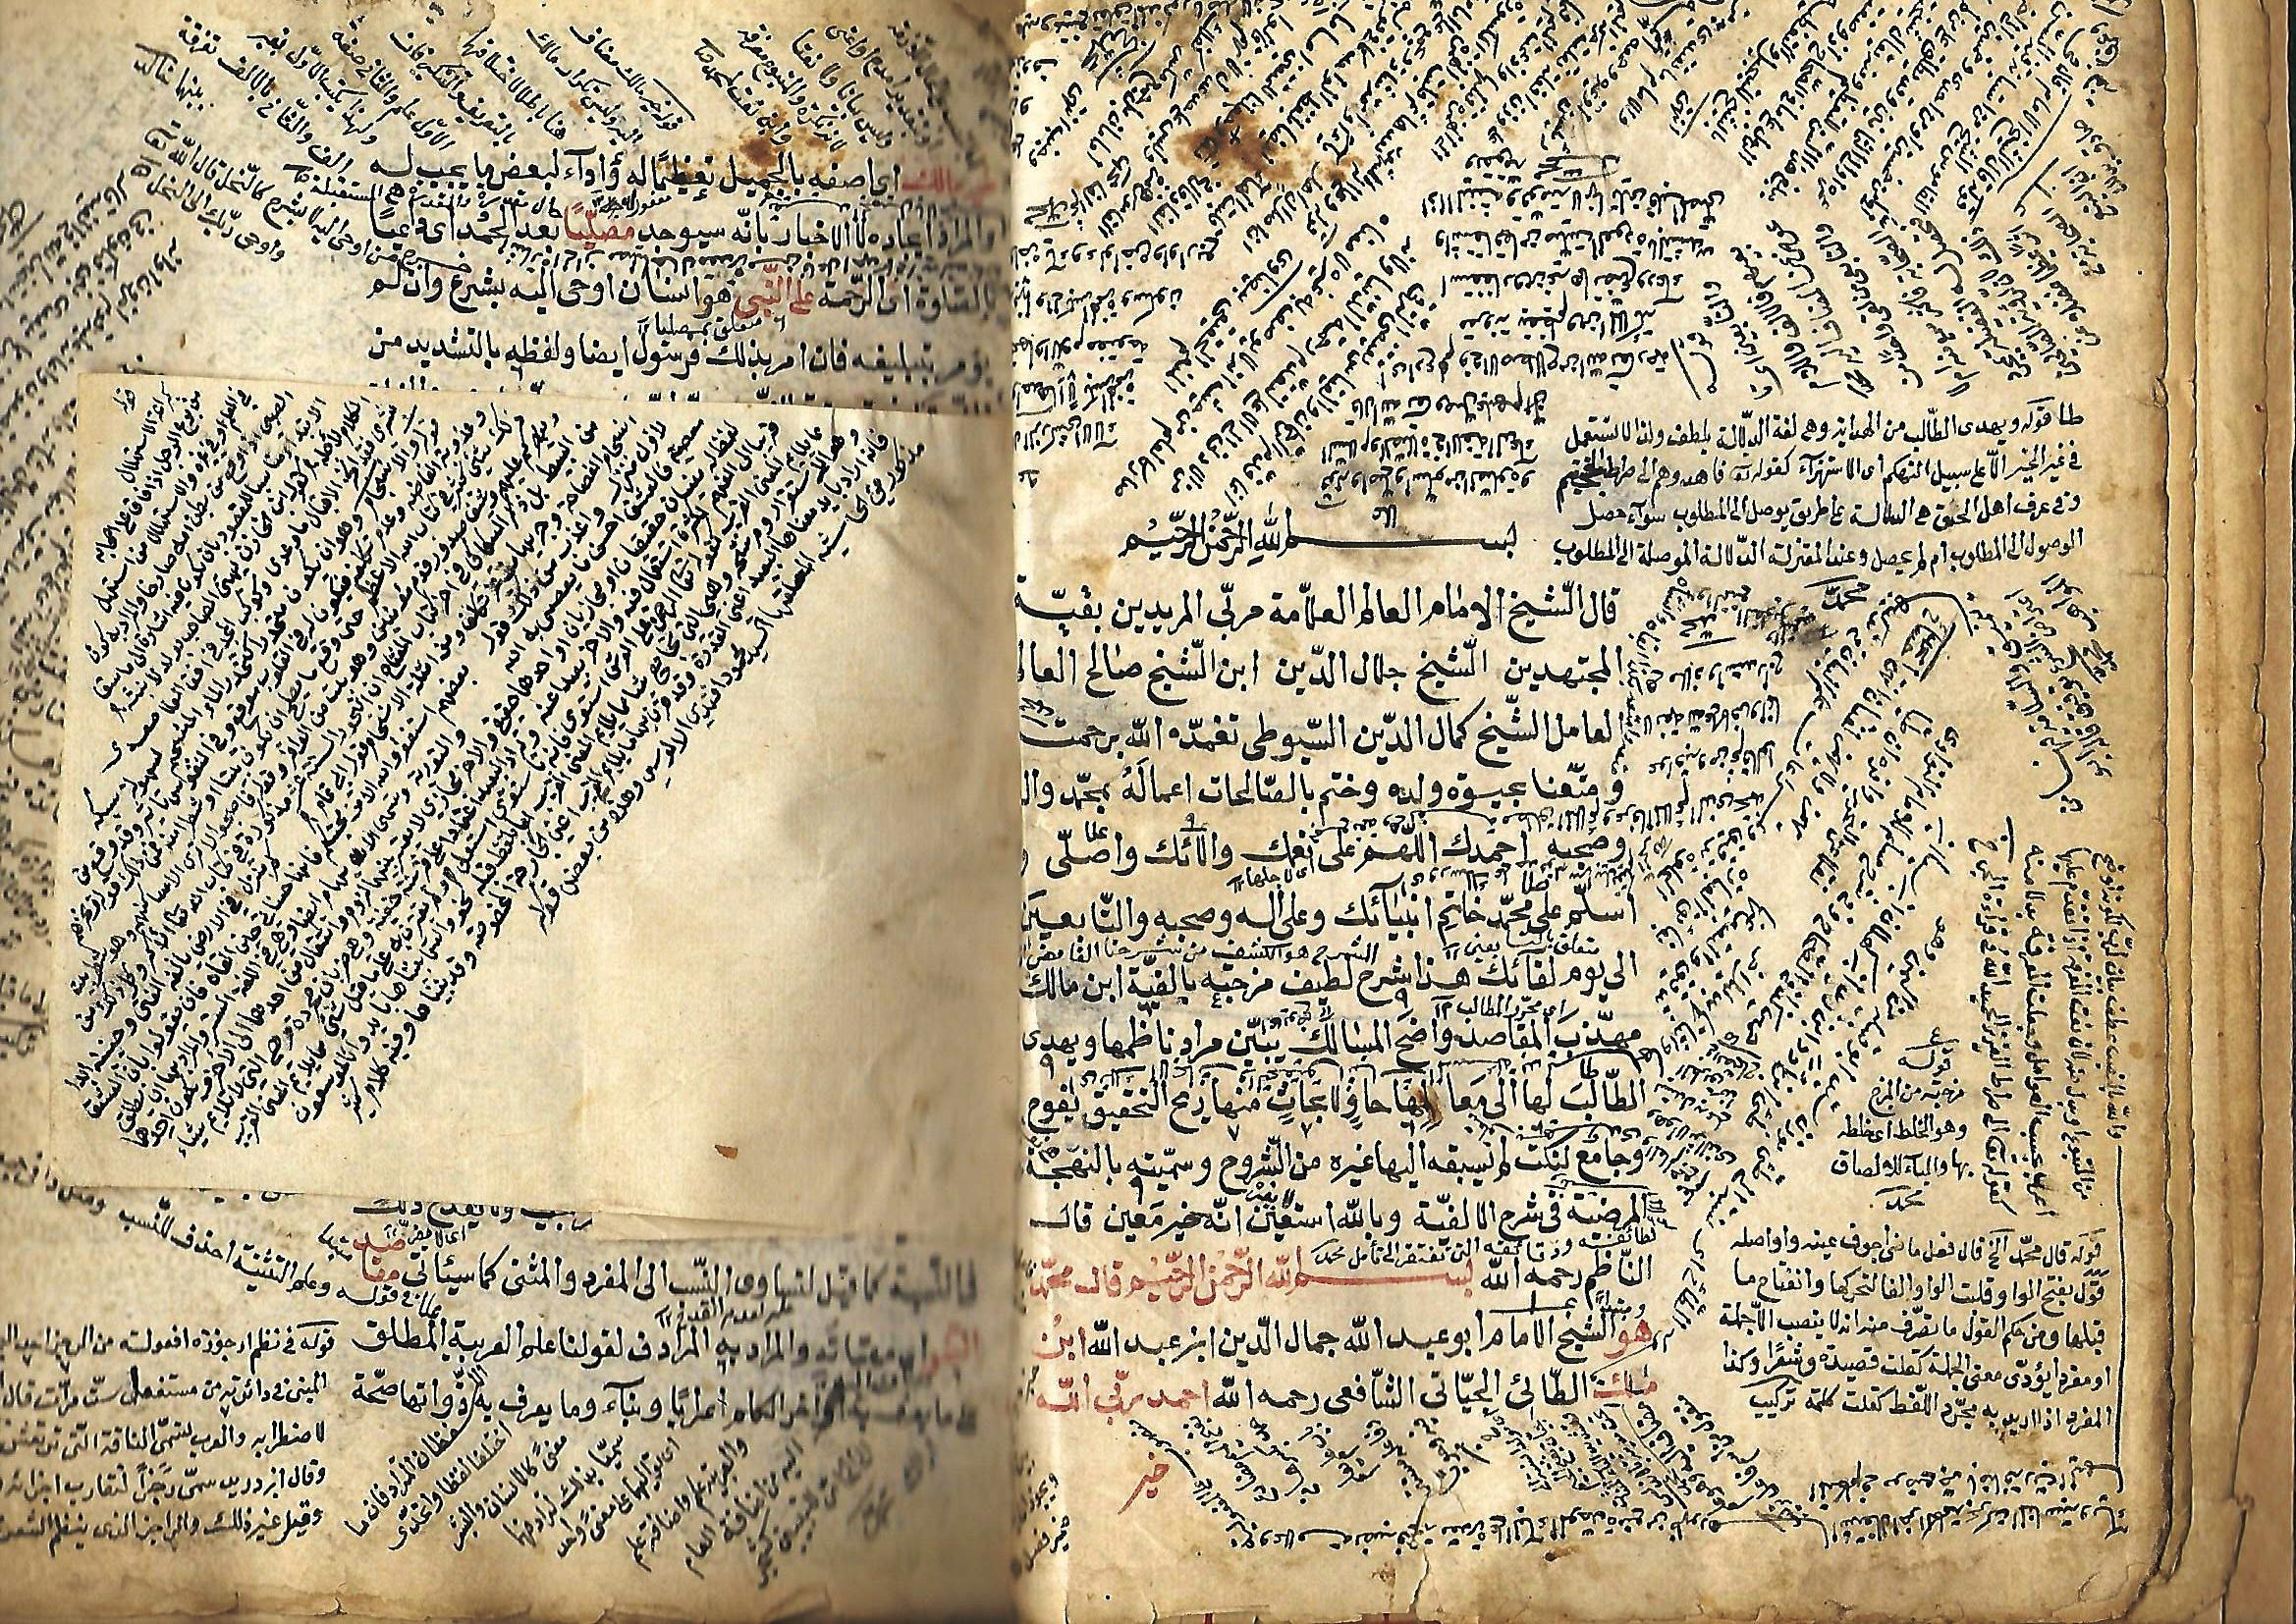 ألفية ابن مالك ويكيبيديا